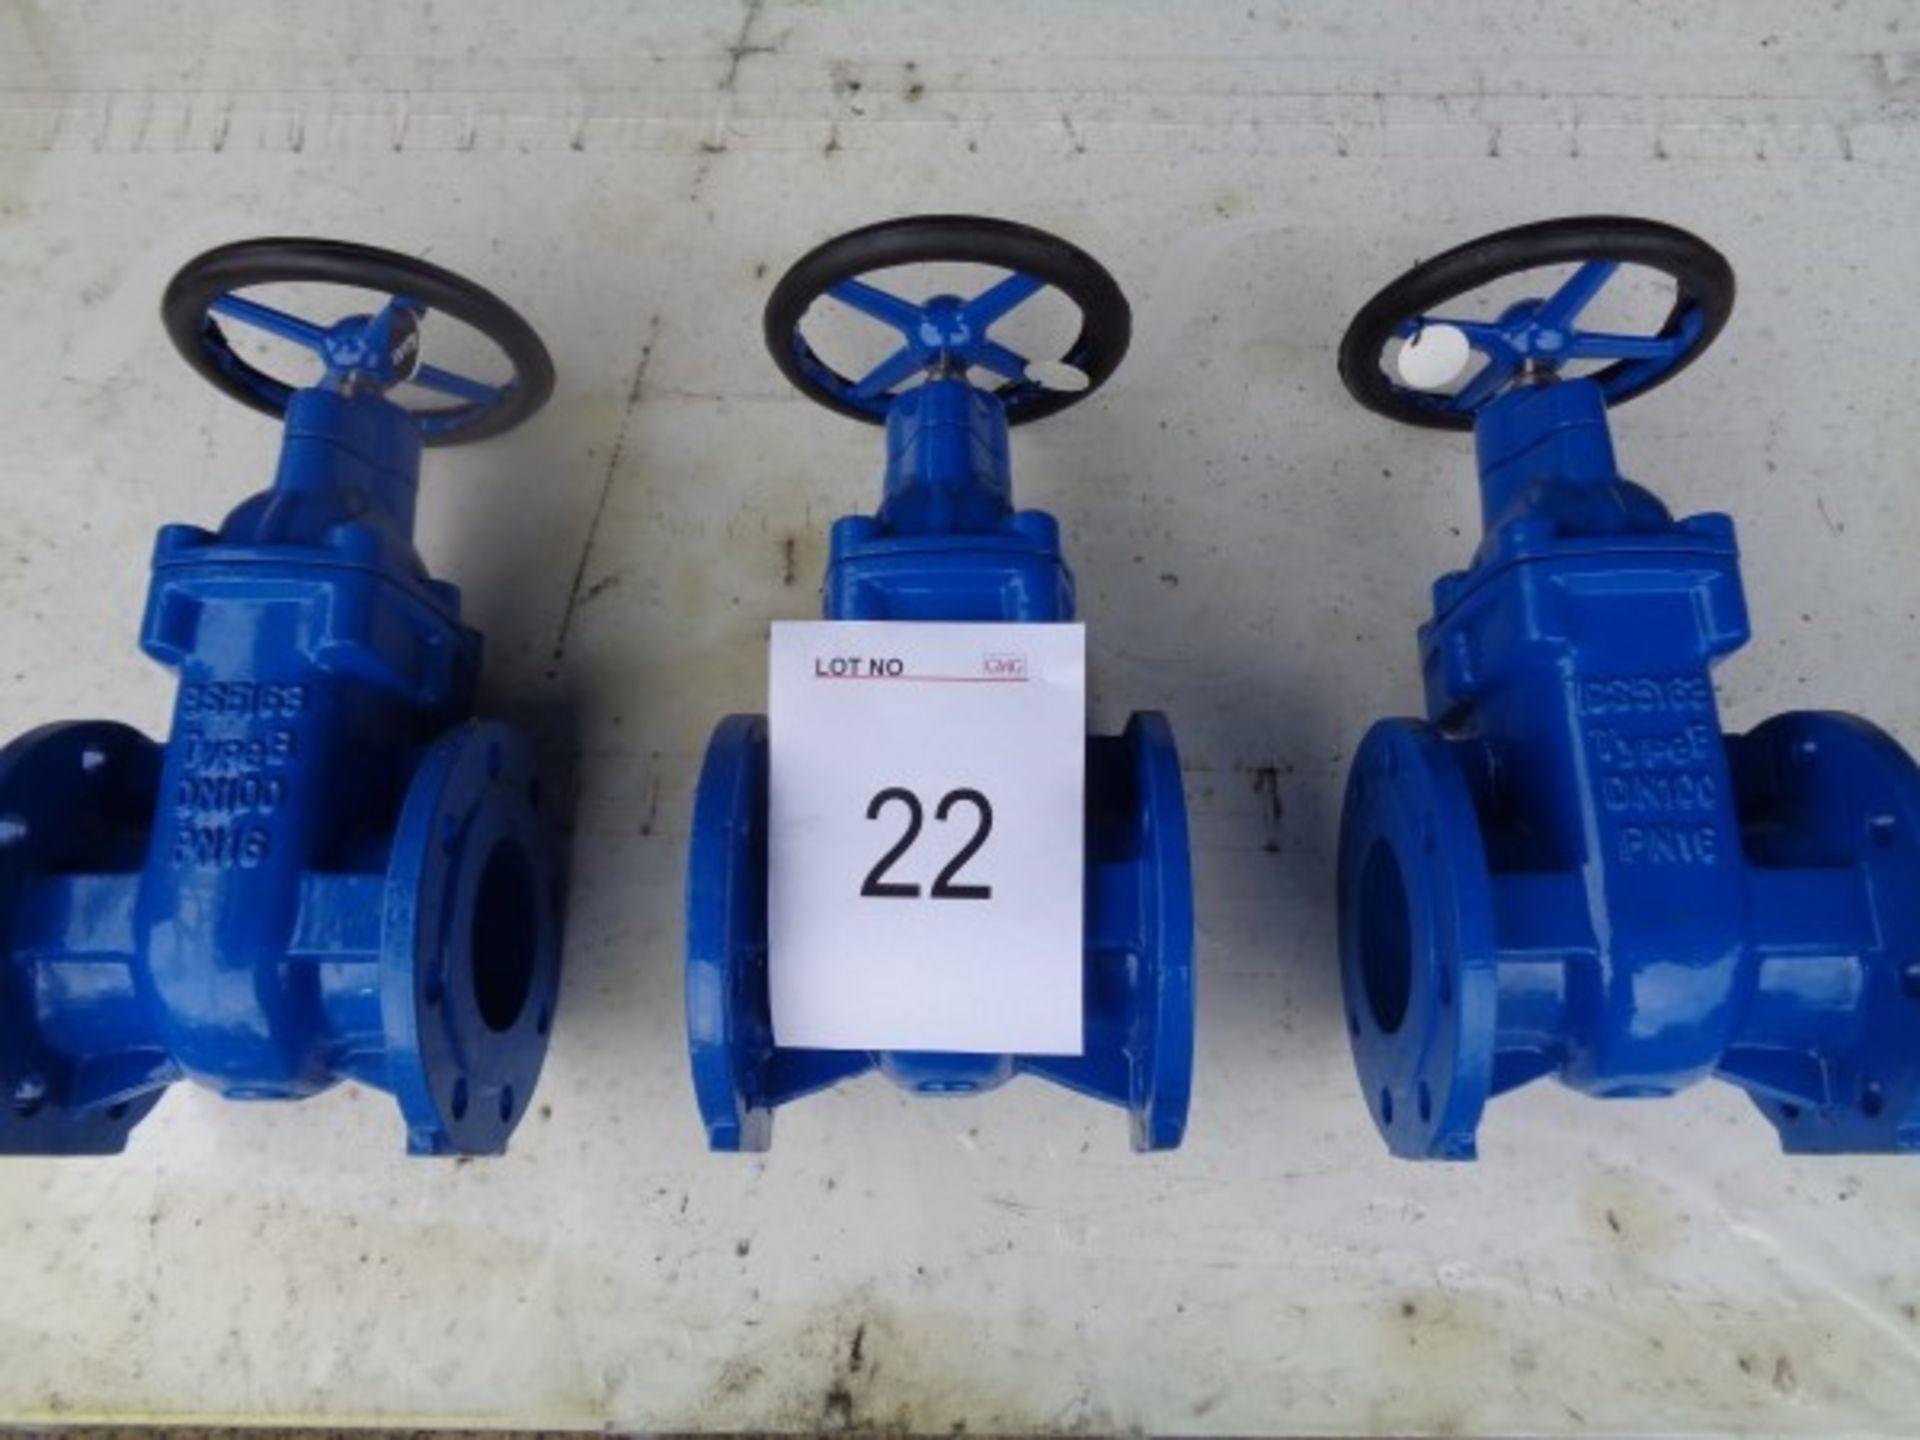 3 x BS5163 type B DN100 PN16 gate valves